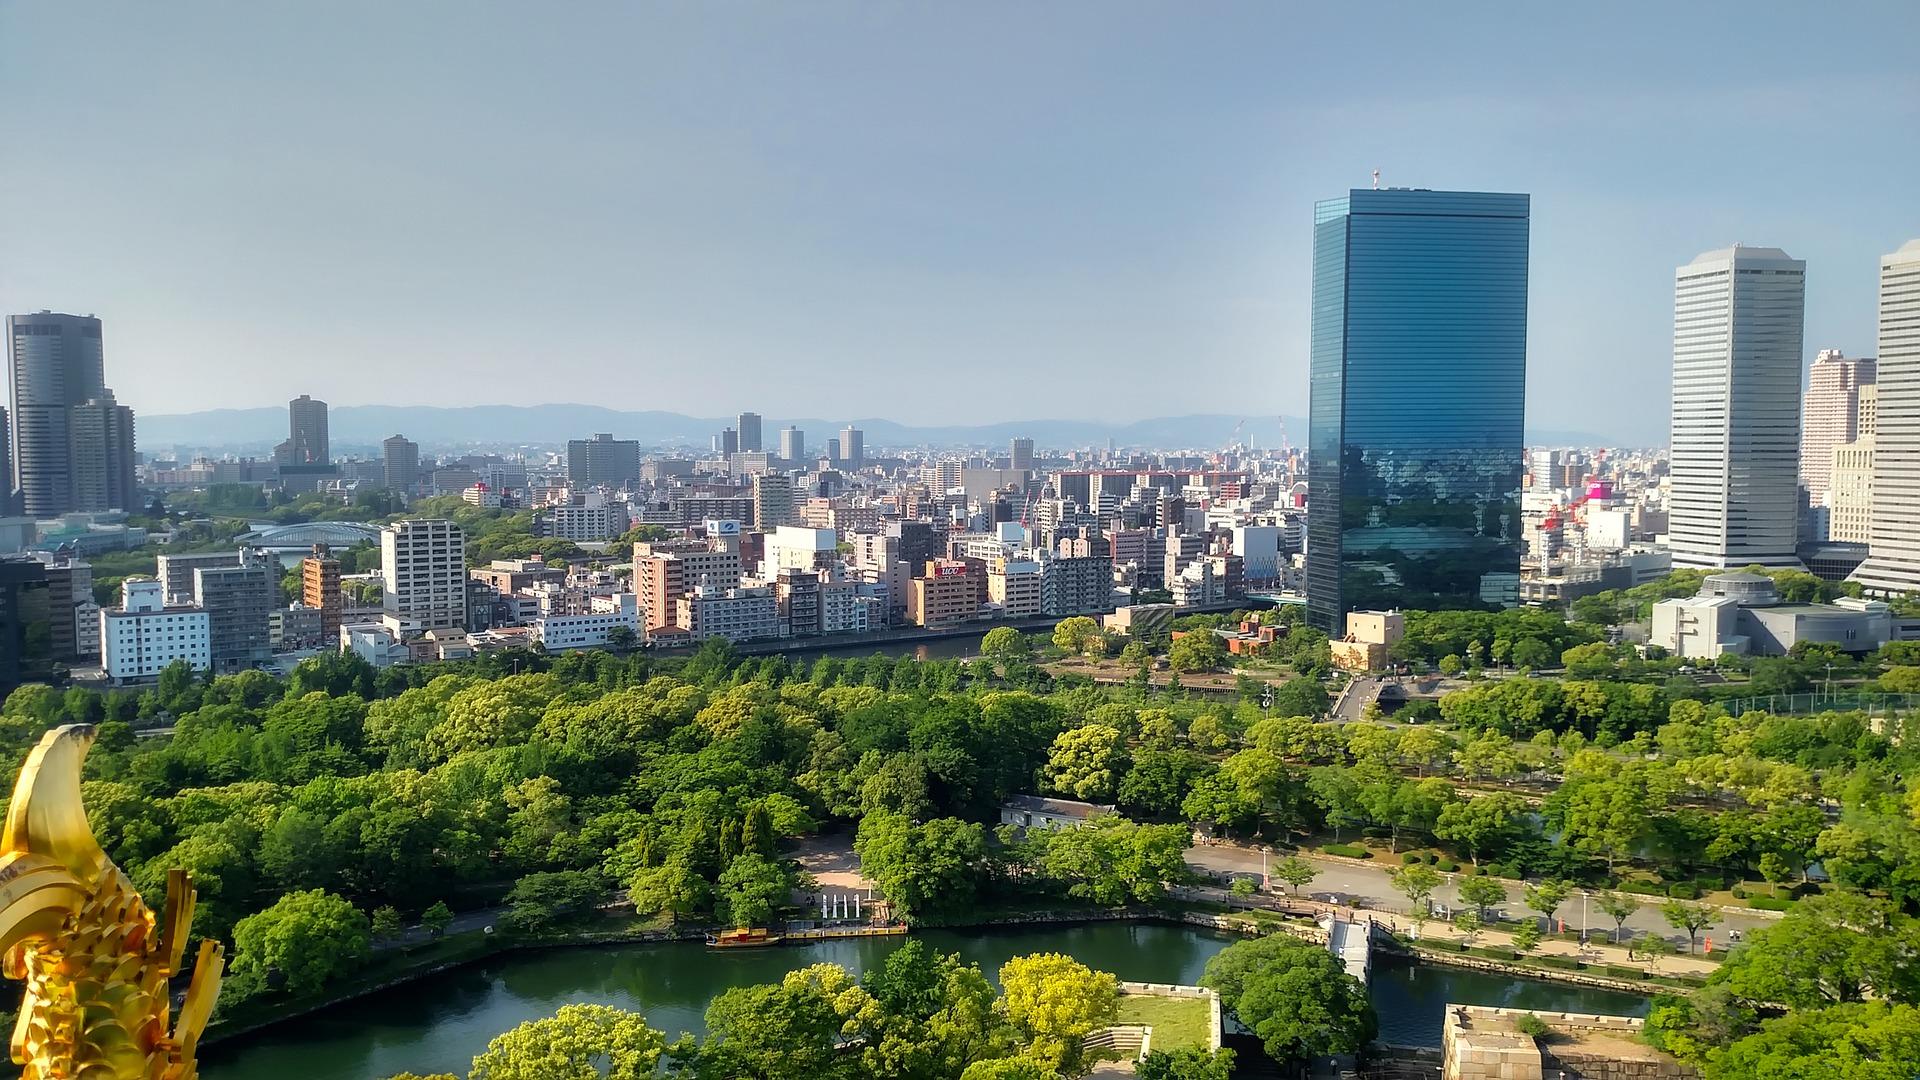 Giải pháp kinh tế để bảo vệ môi trường của Nhật Bản: Tại sao người Nhật thành công?